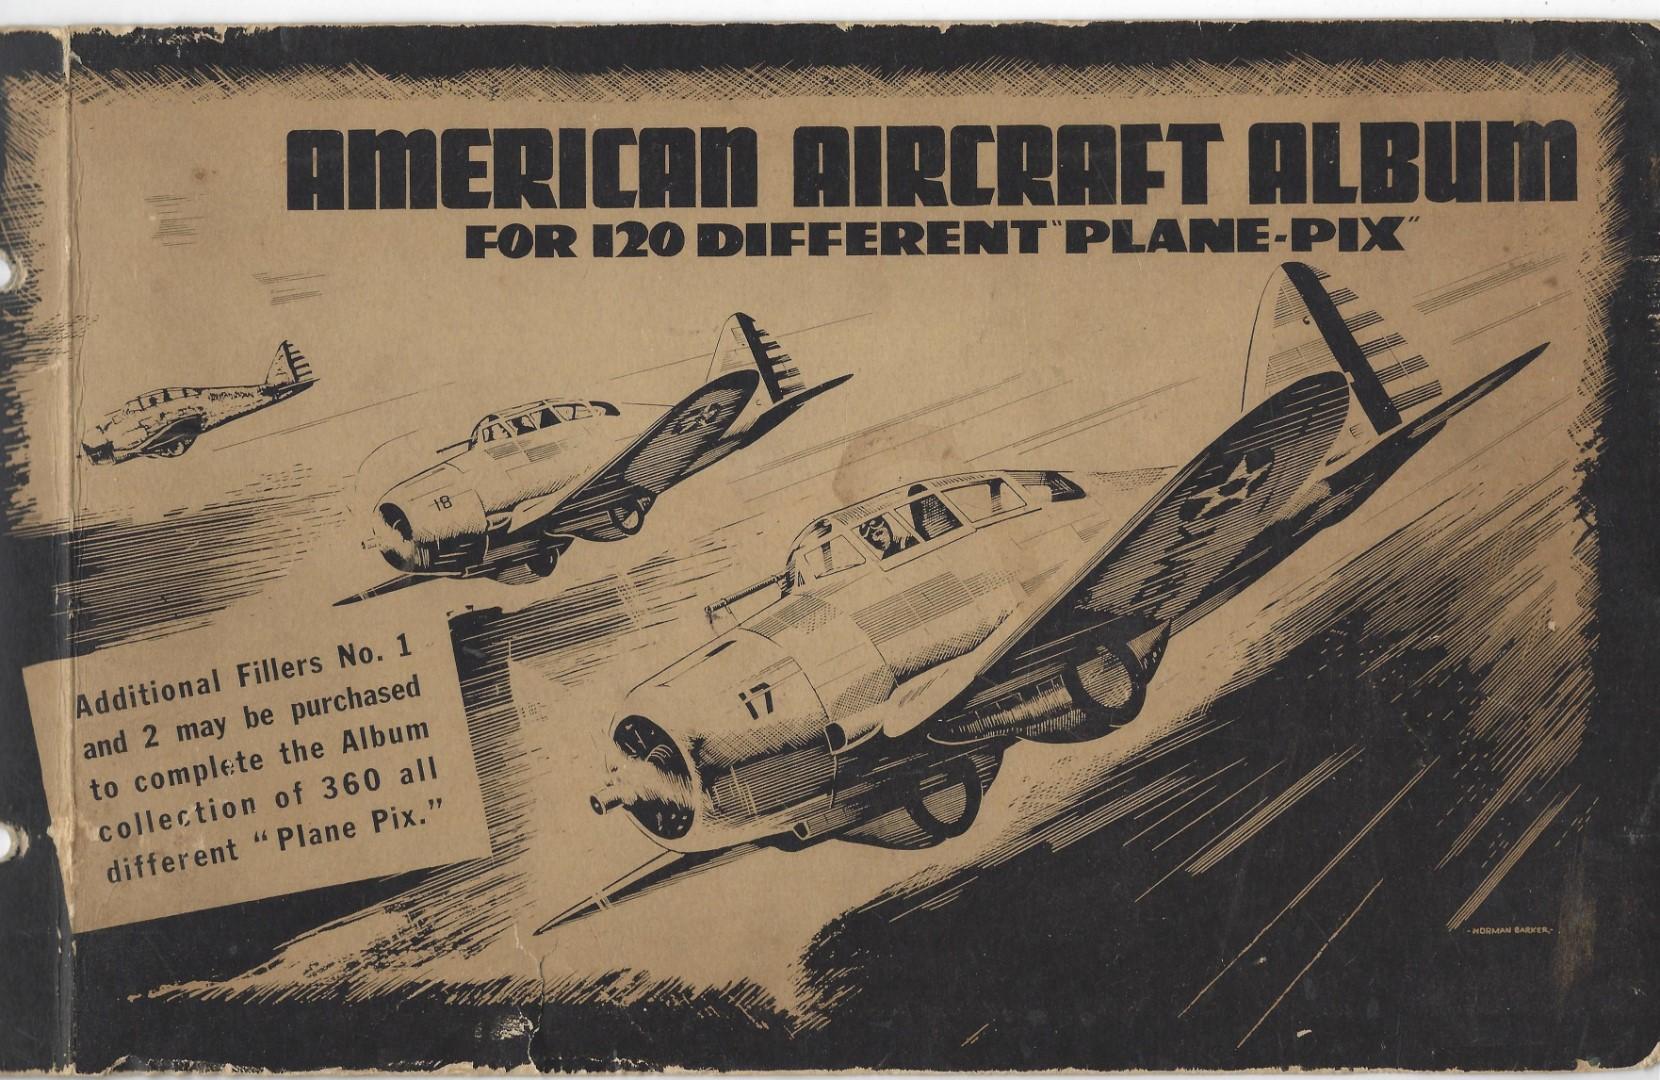 plane-pix 001.jpg